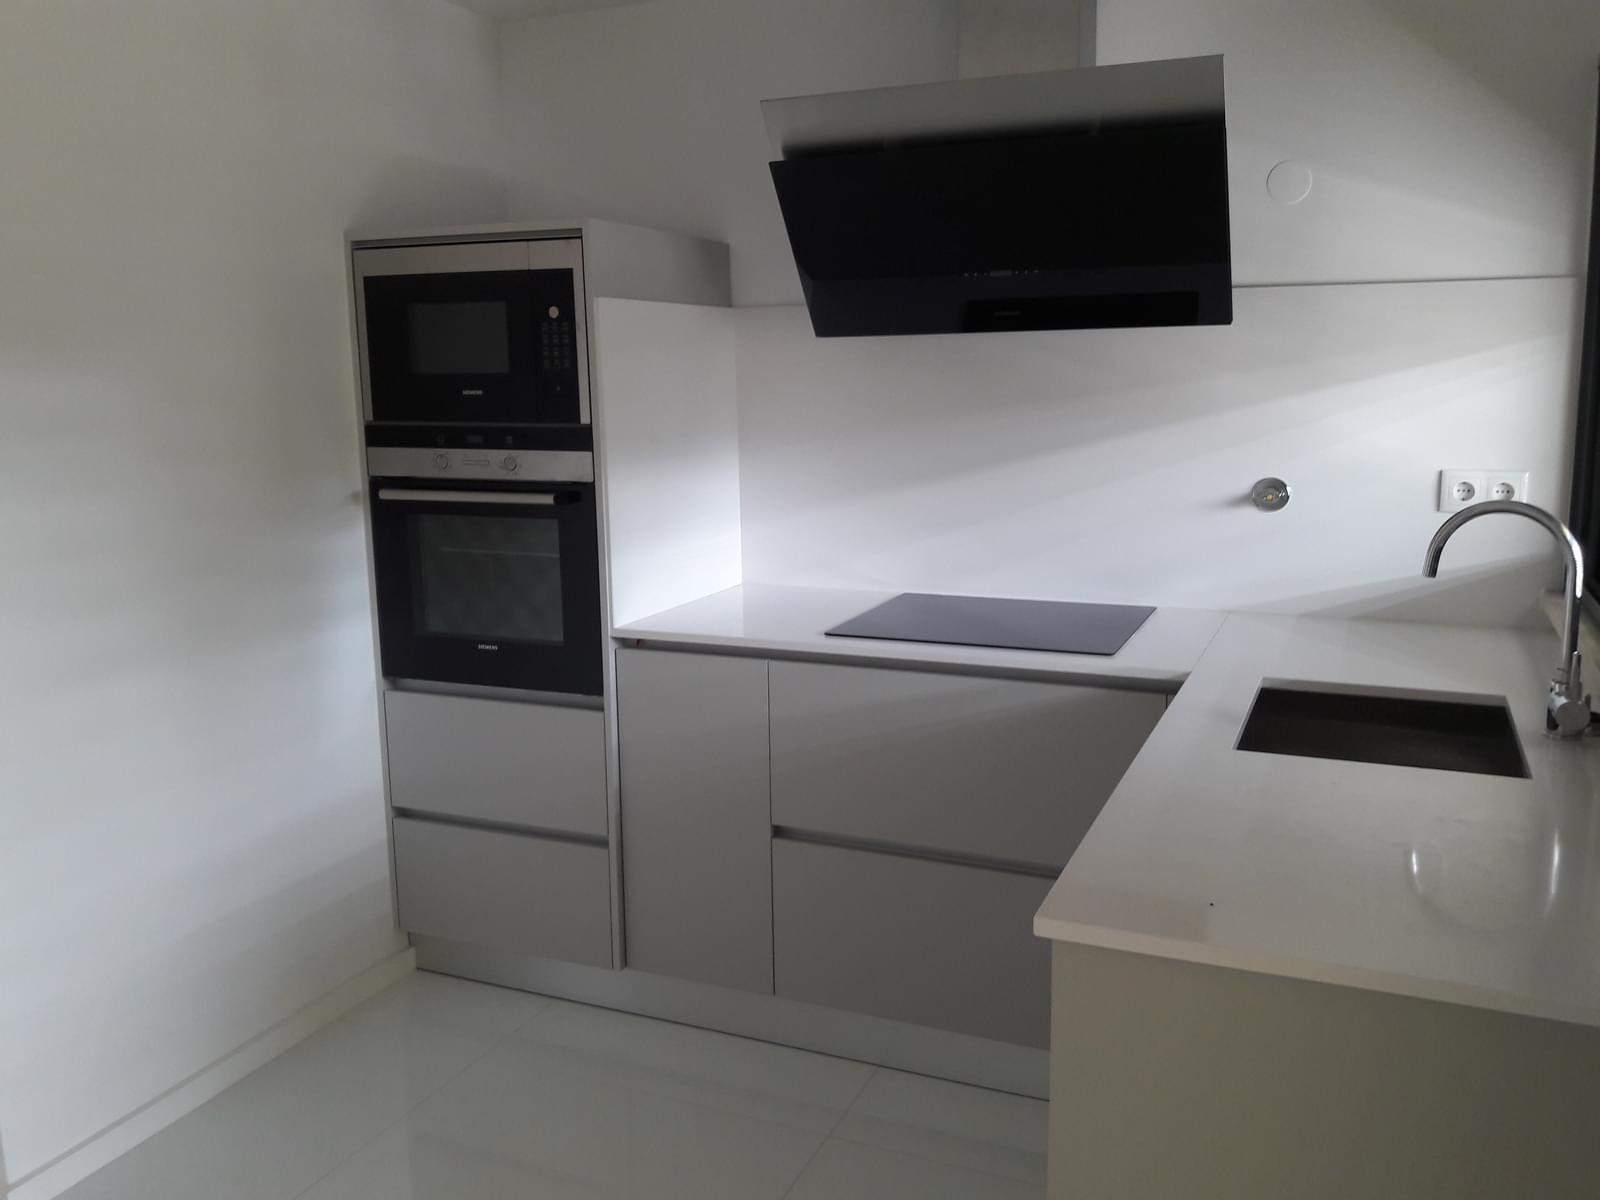 pf18284-apartamento-t2-cascais-5af12e6f-36a6-4011-9a78-2d75fc5e76d6